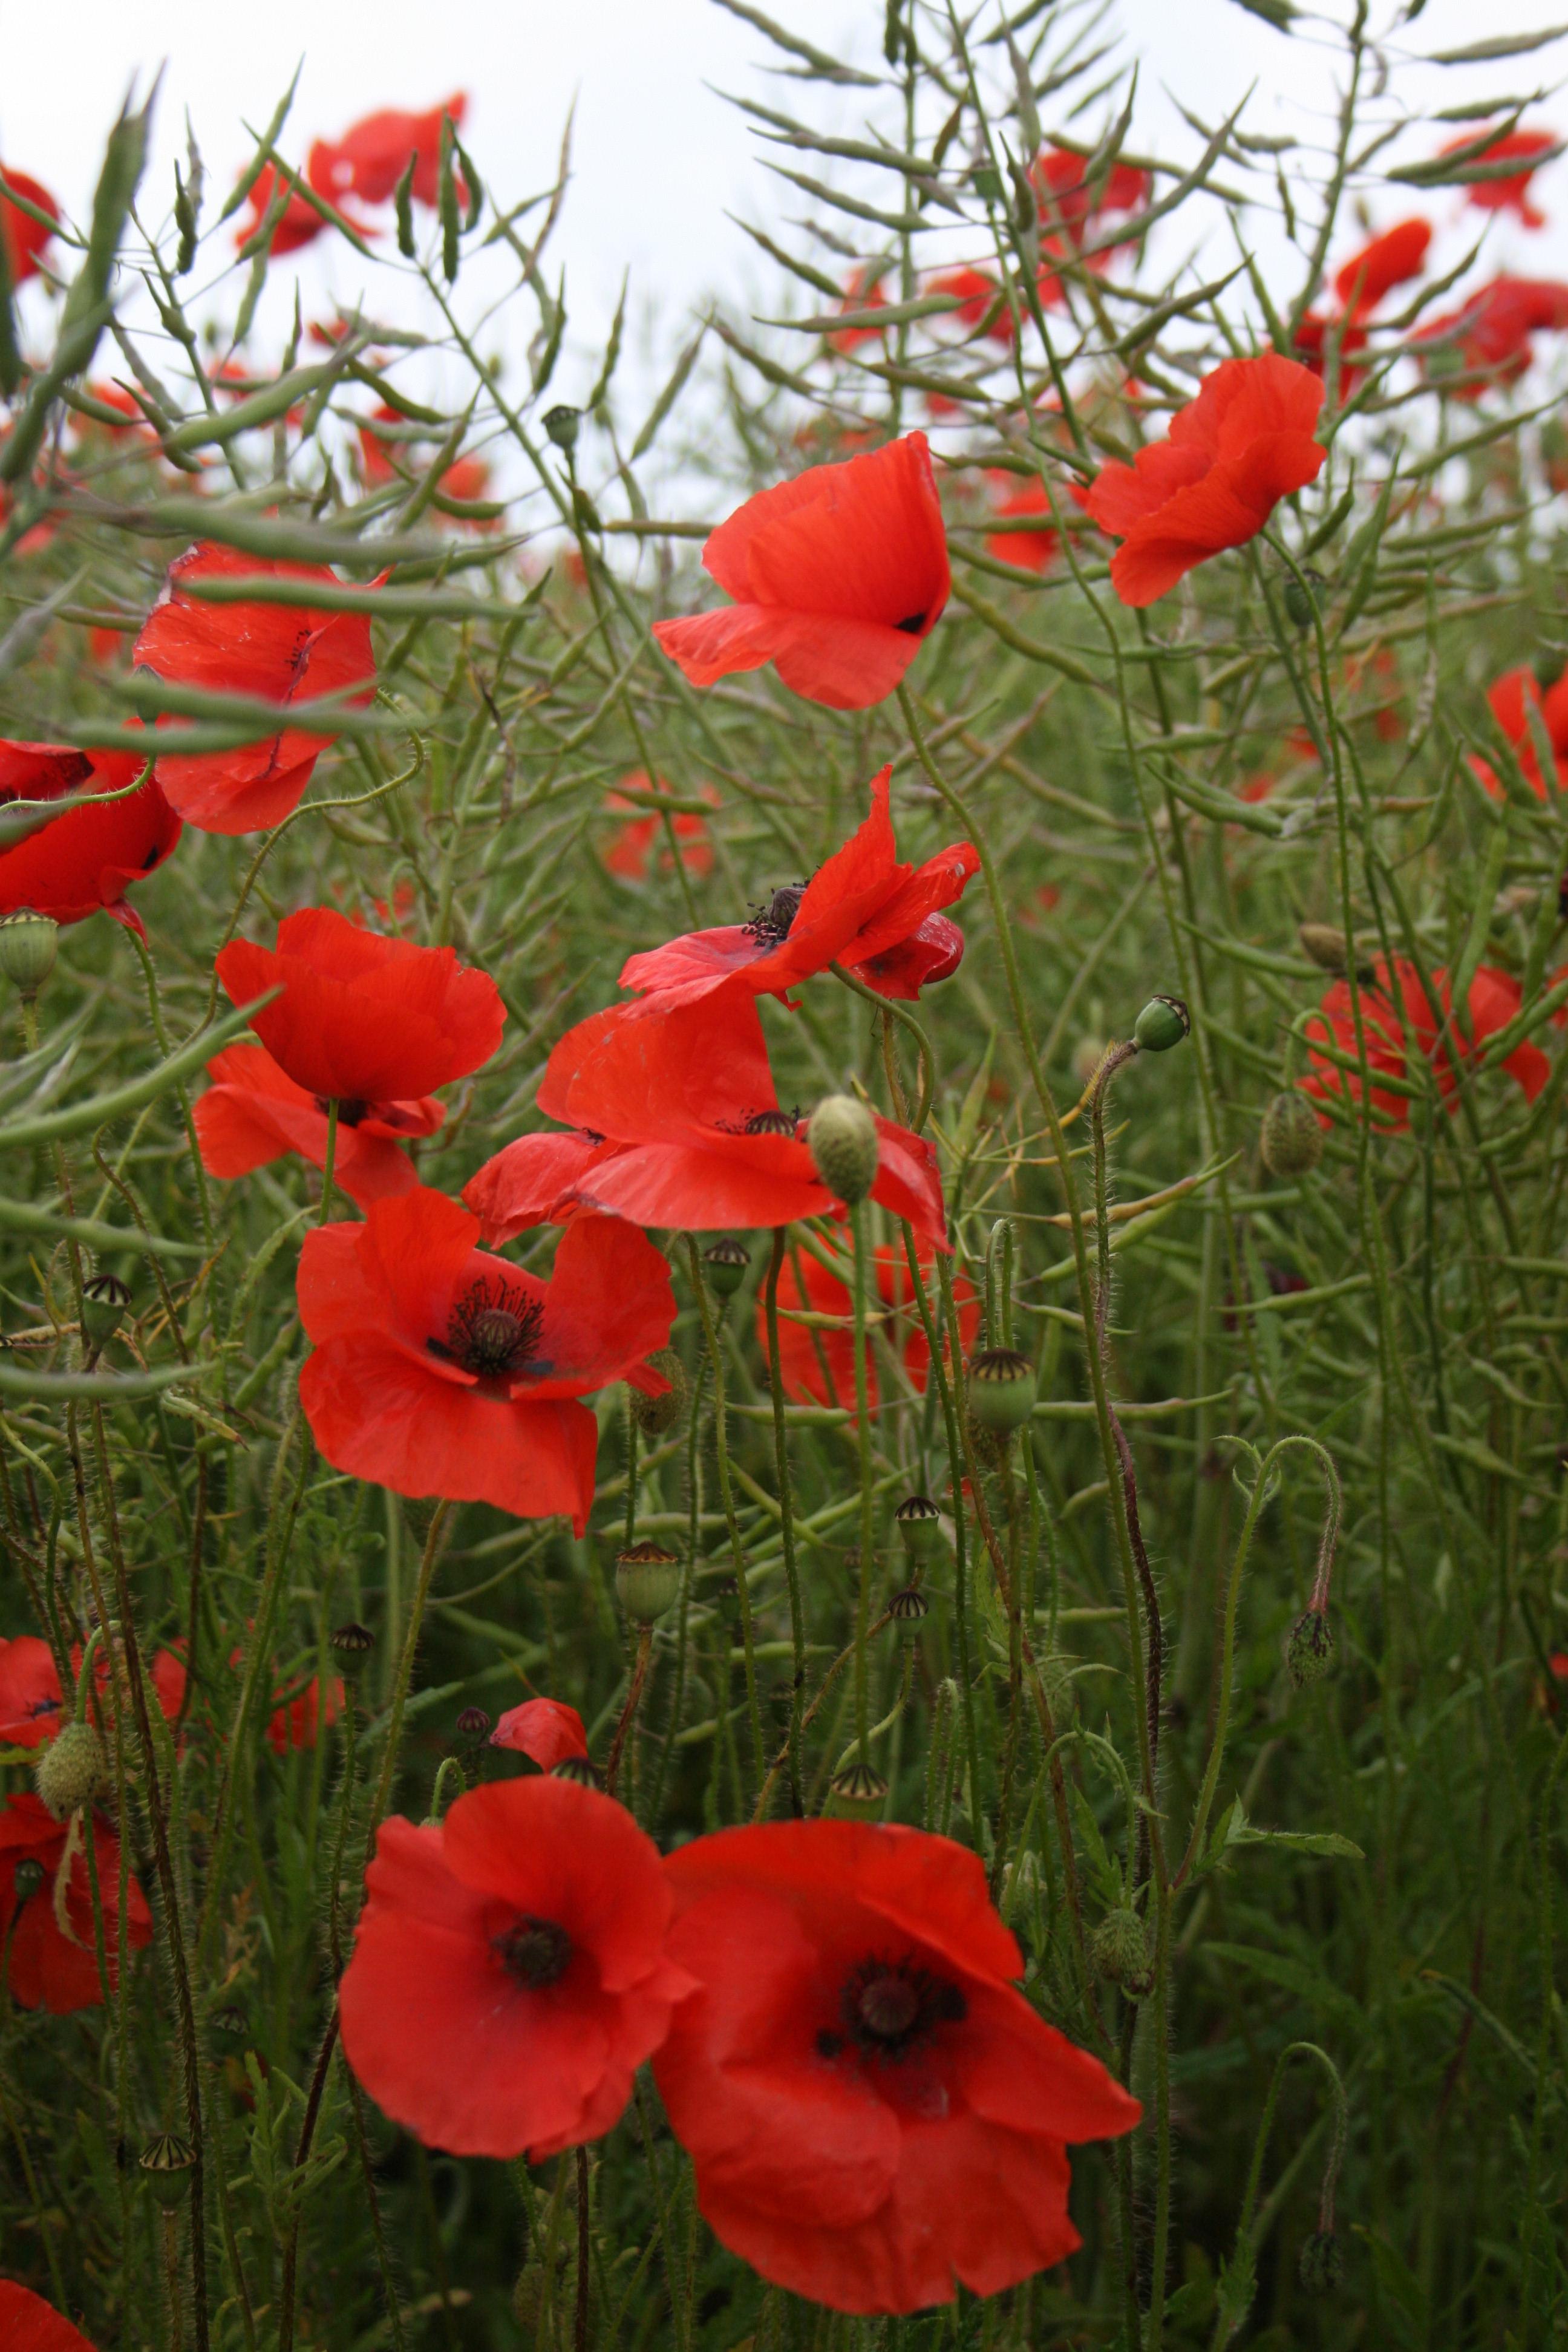 field of poppys by Sceptre63